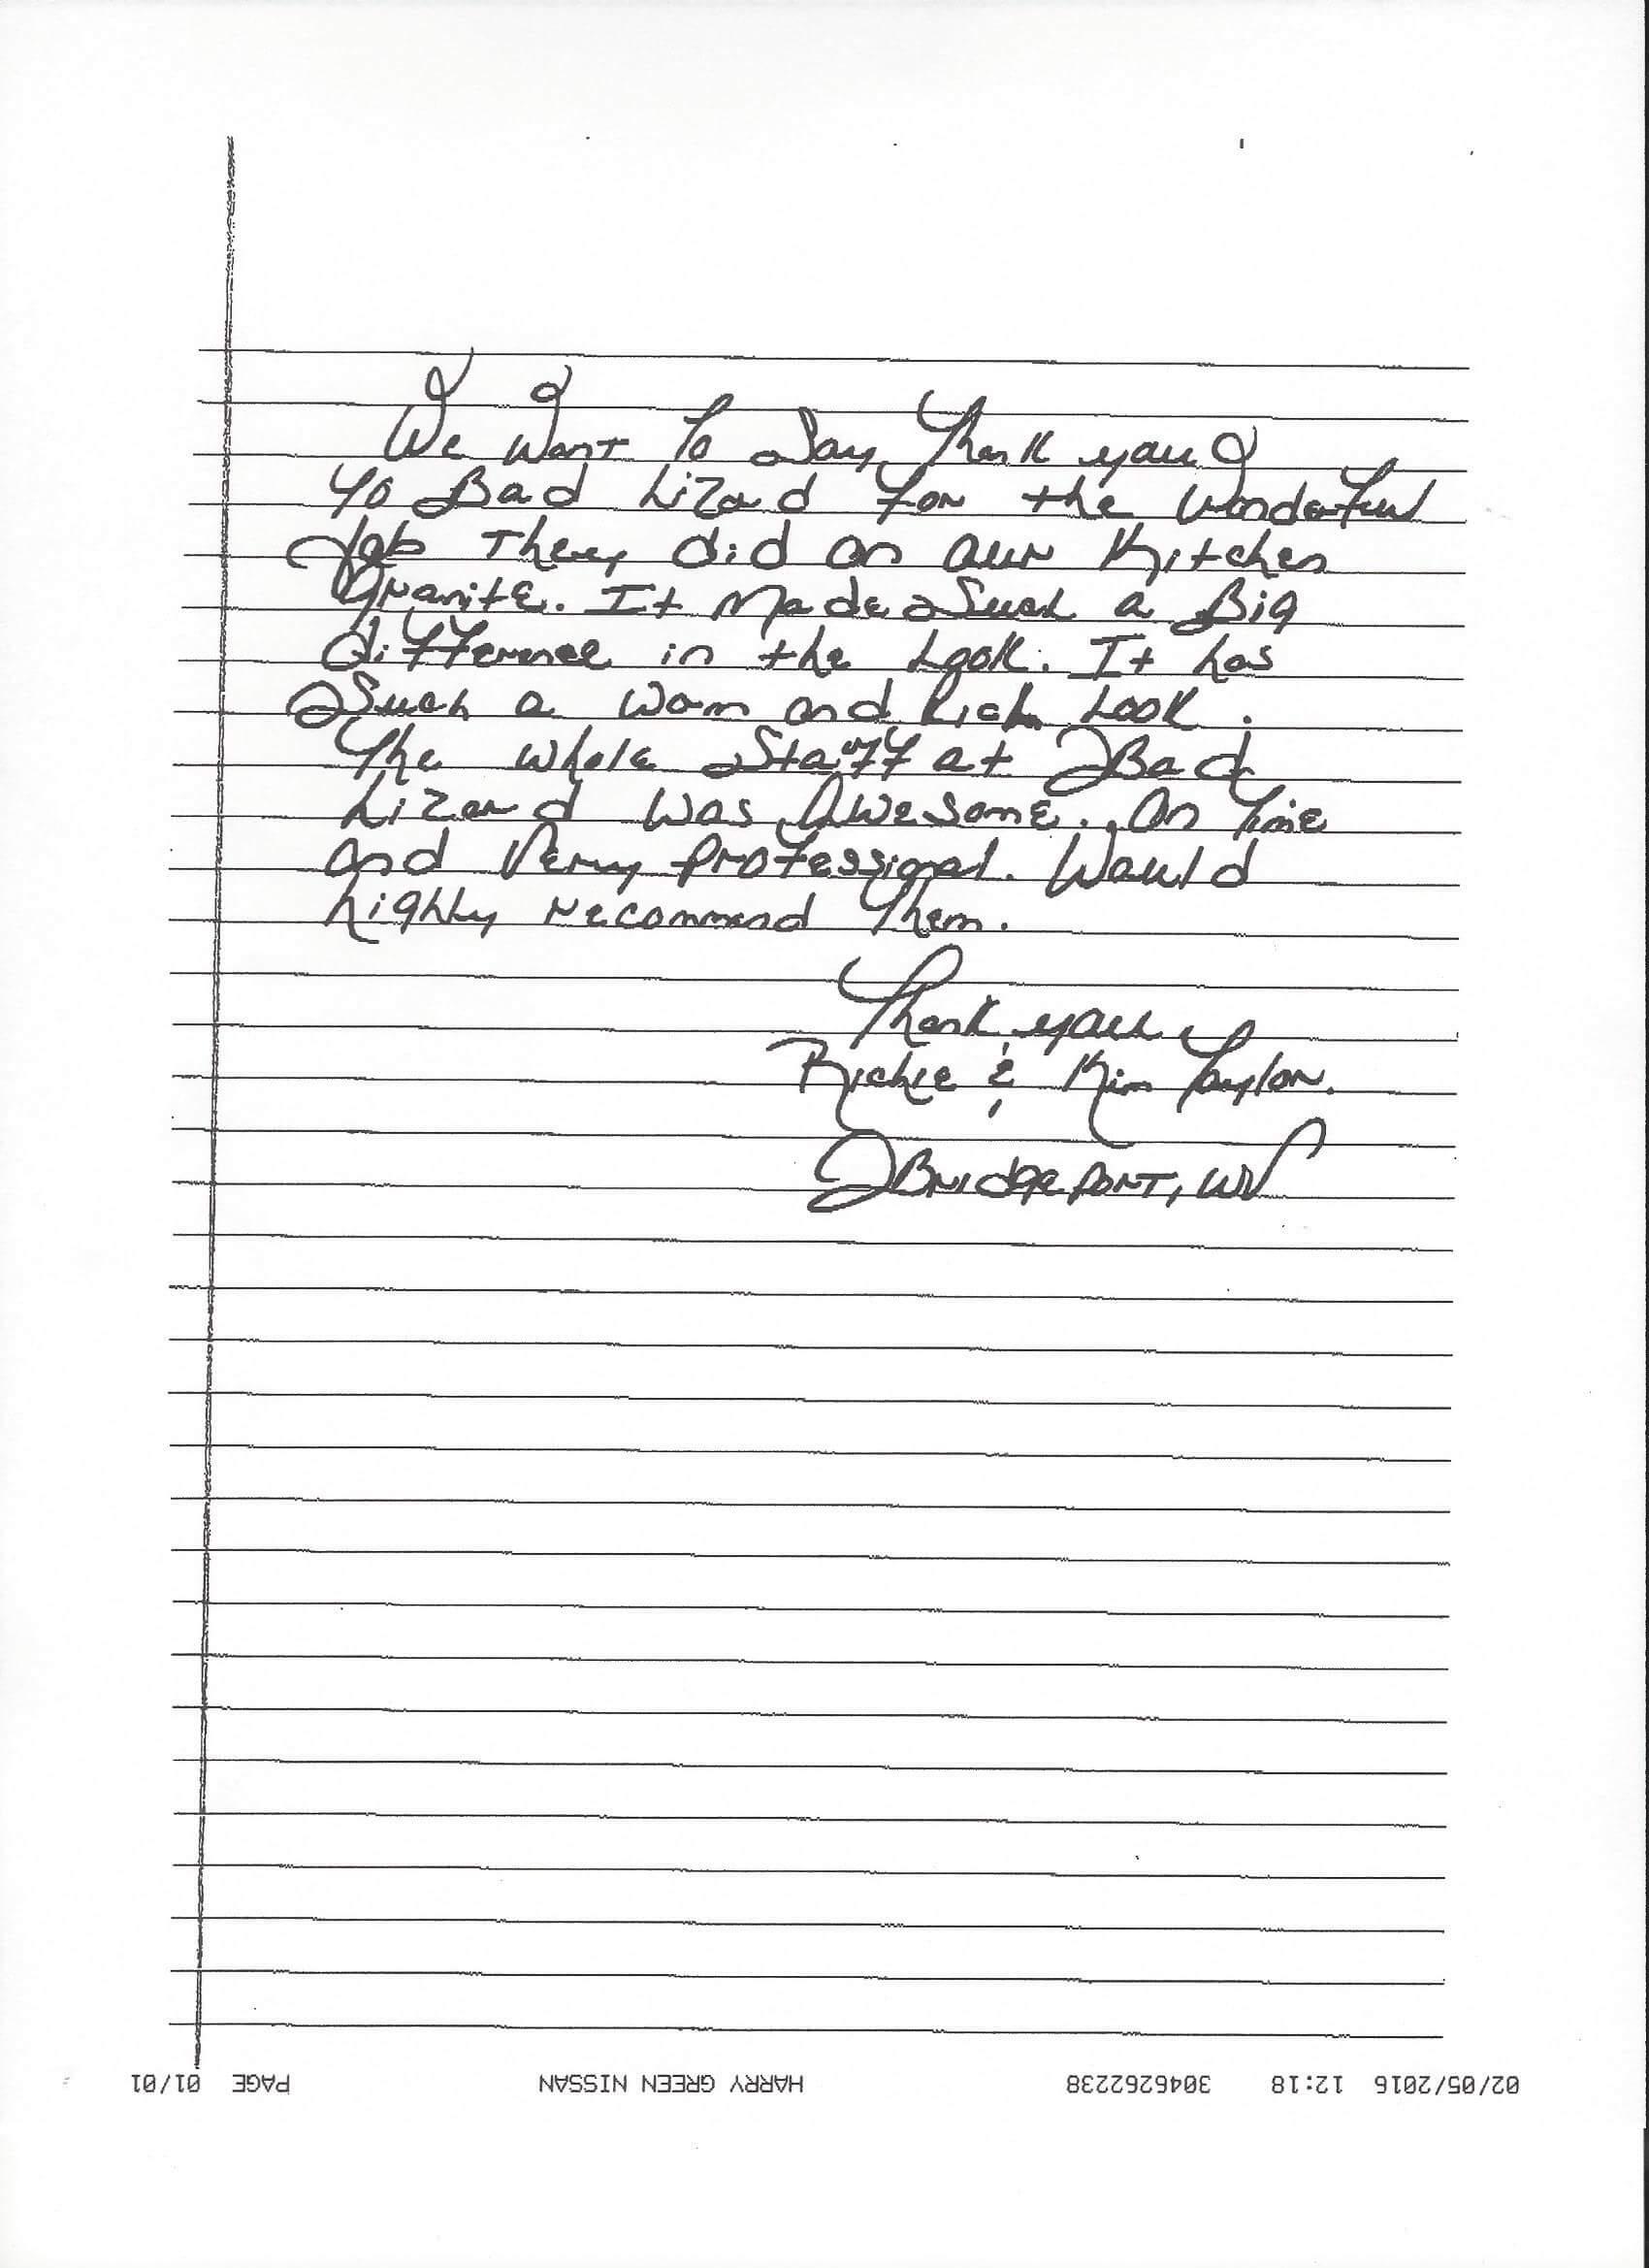 Kim Taylor Bridgeport Testimonial.jpg